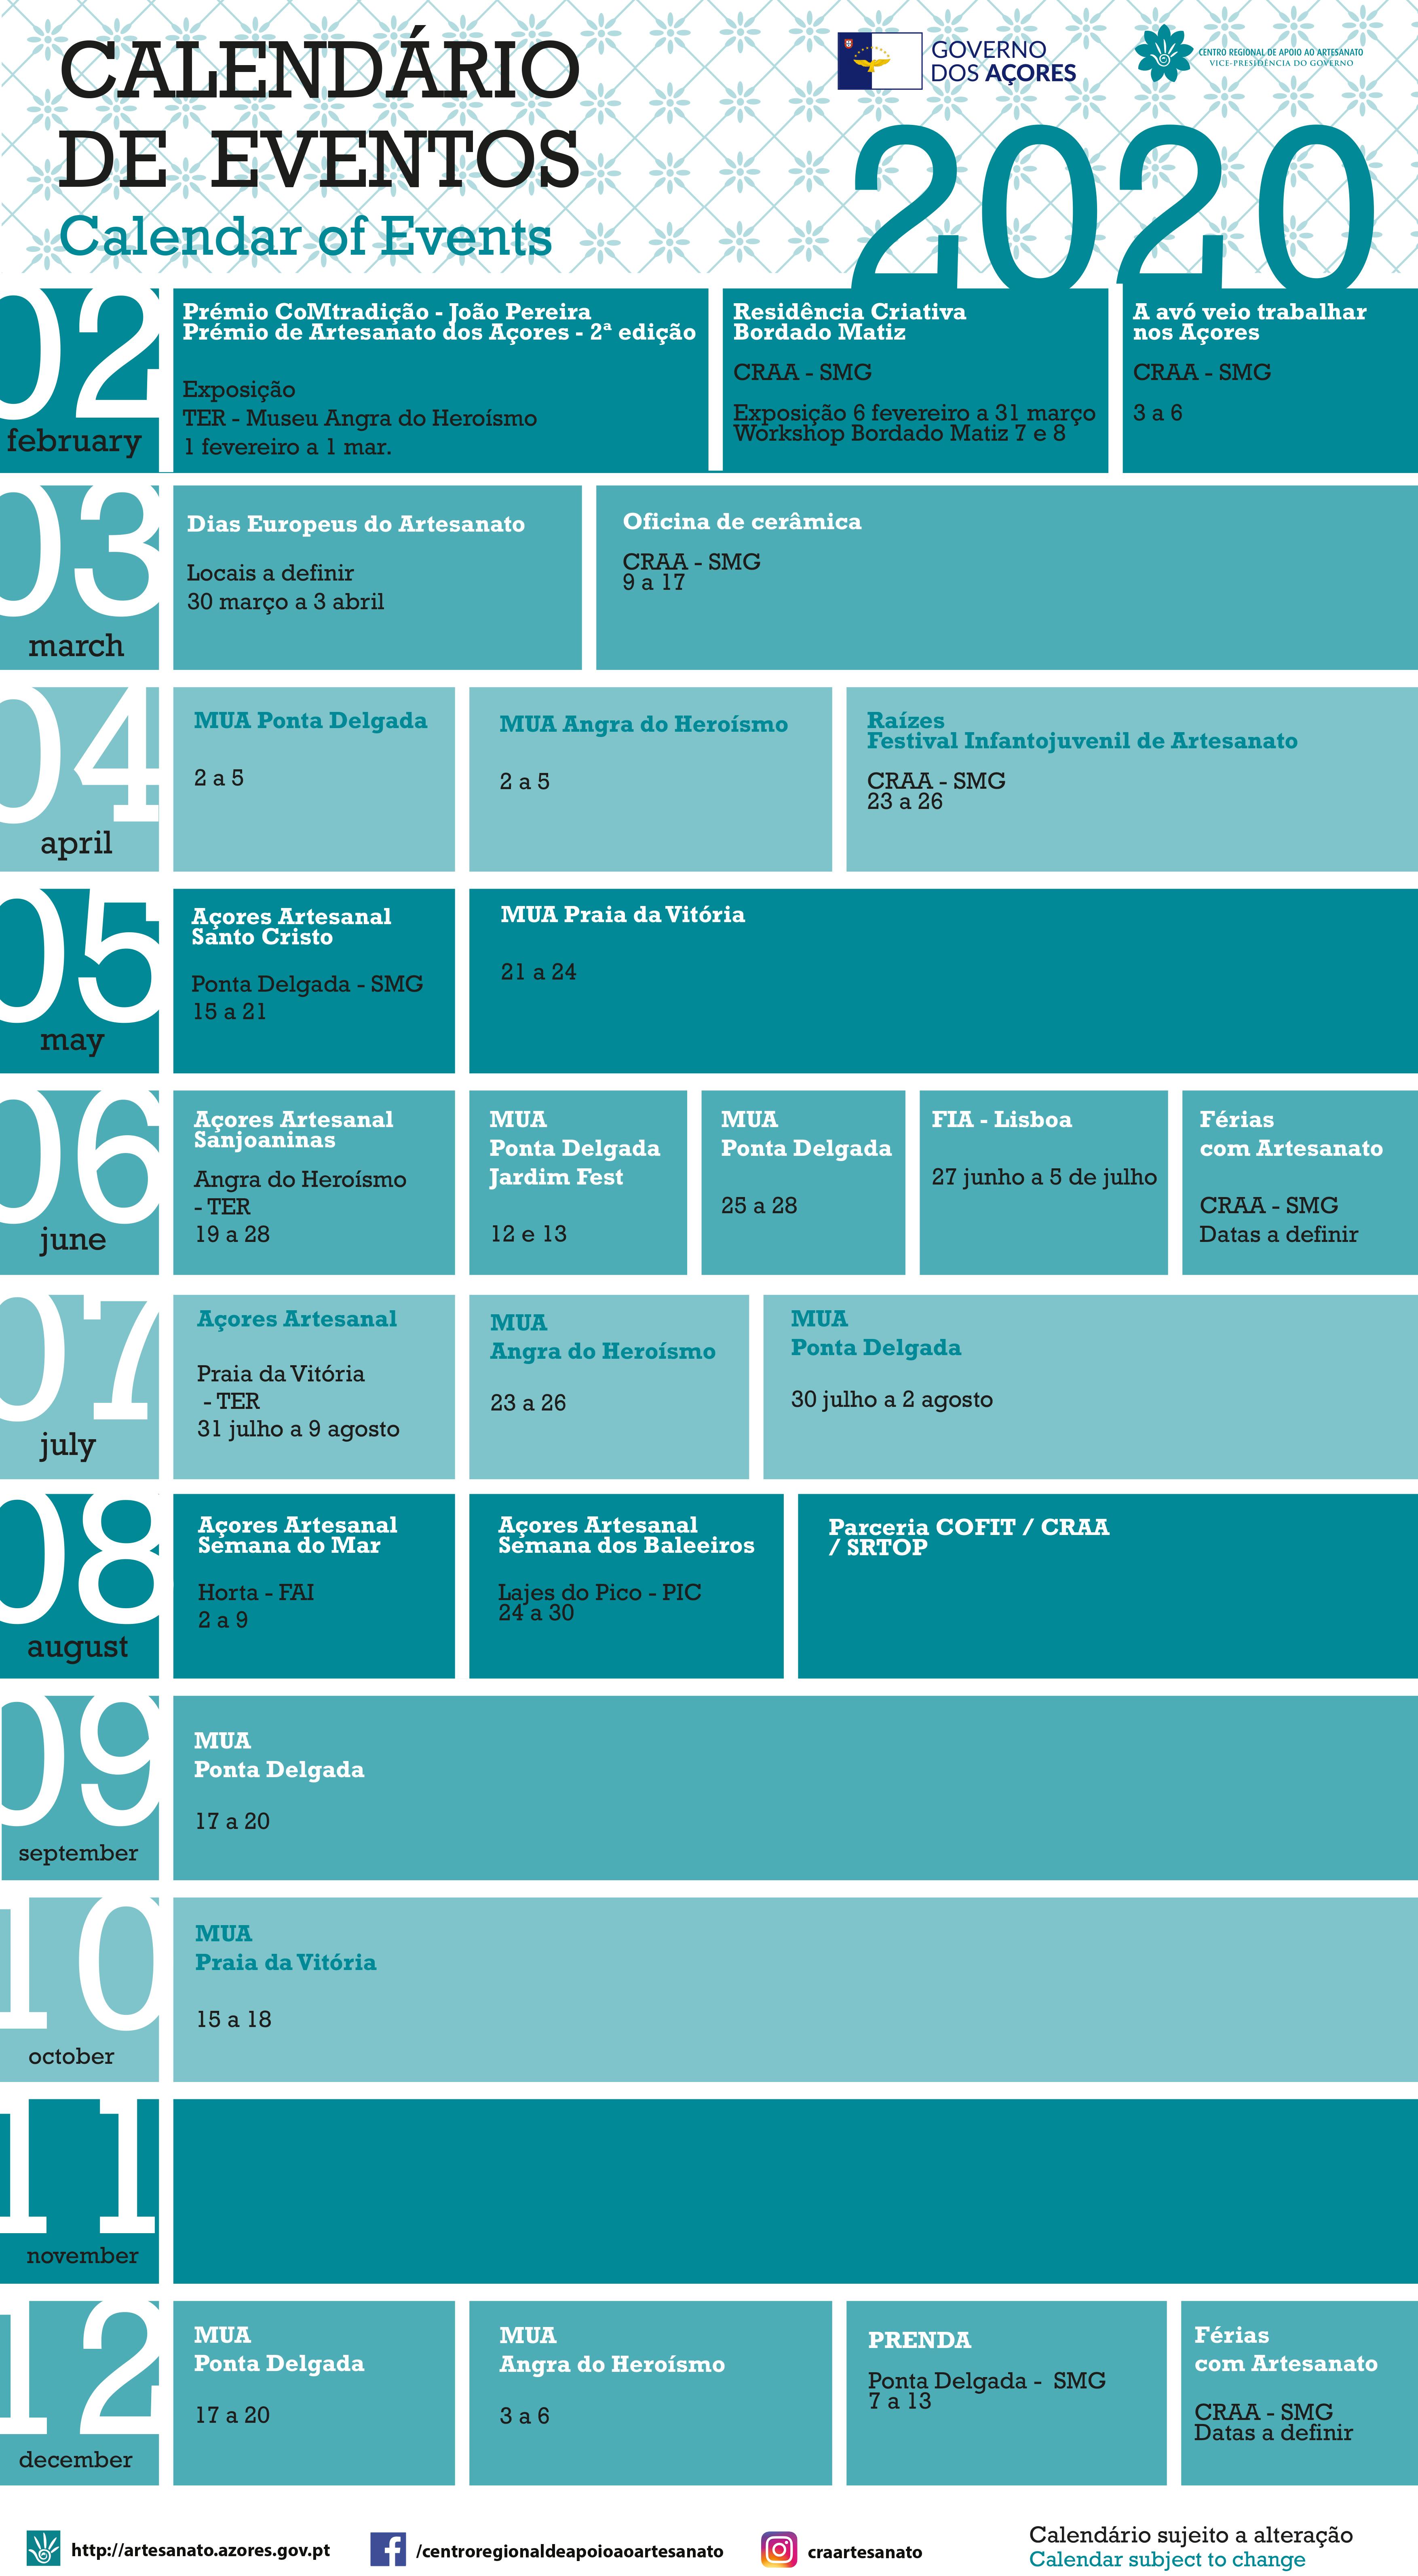 calendario eventos _2020 copy